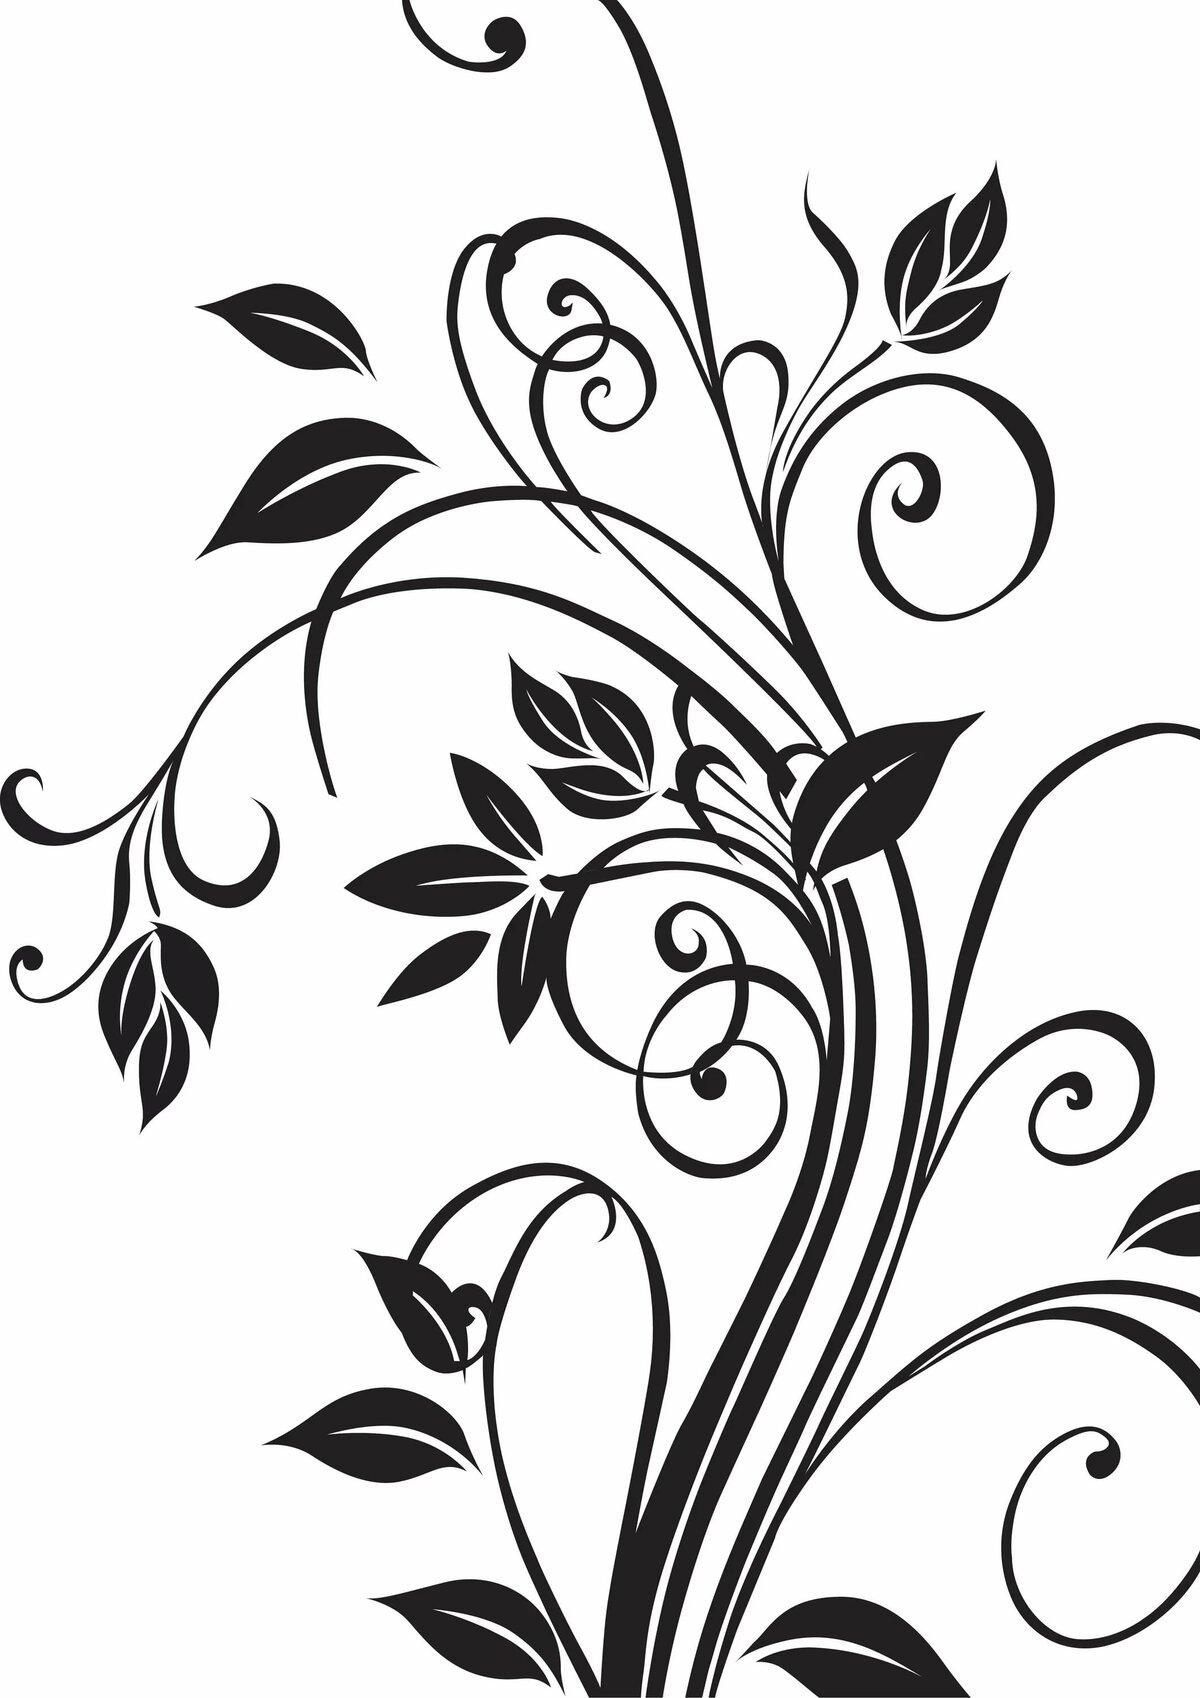 связан векторные картинки и рисунки цветов мере совершенствования